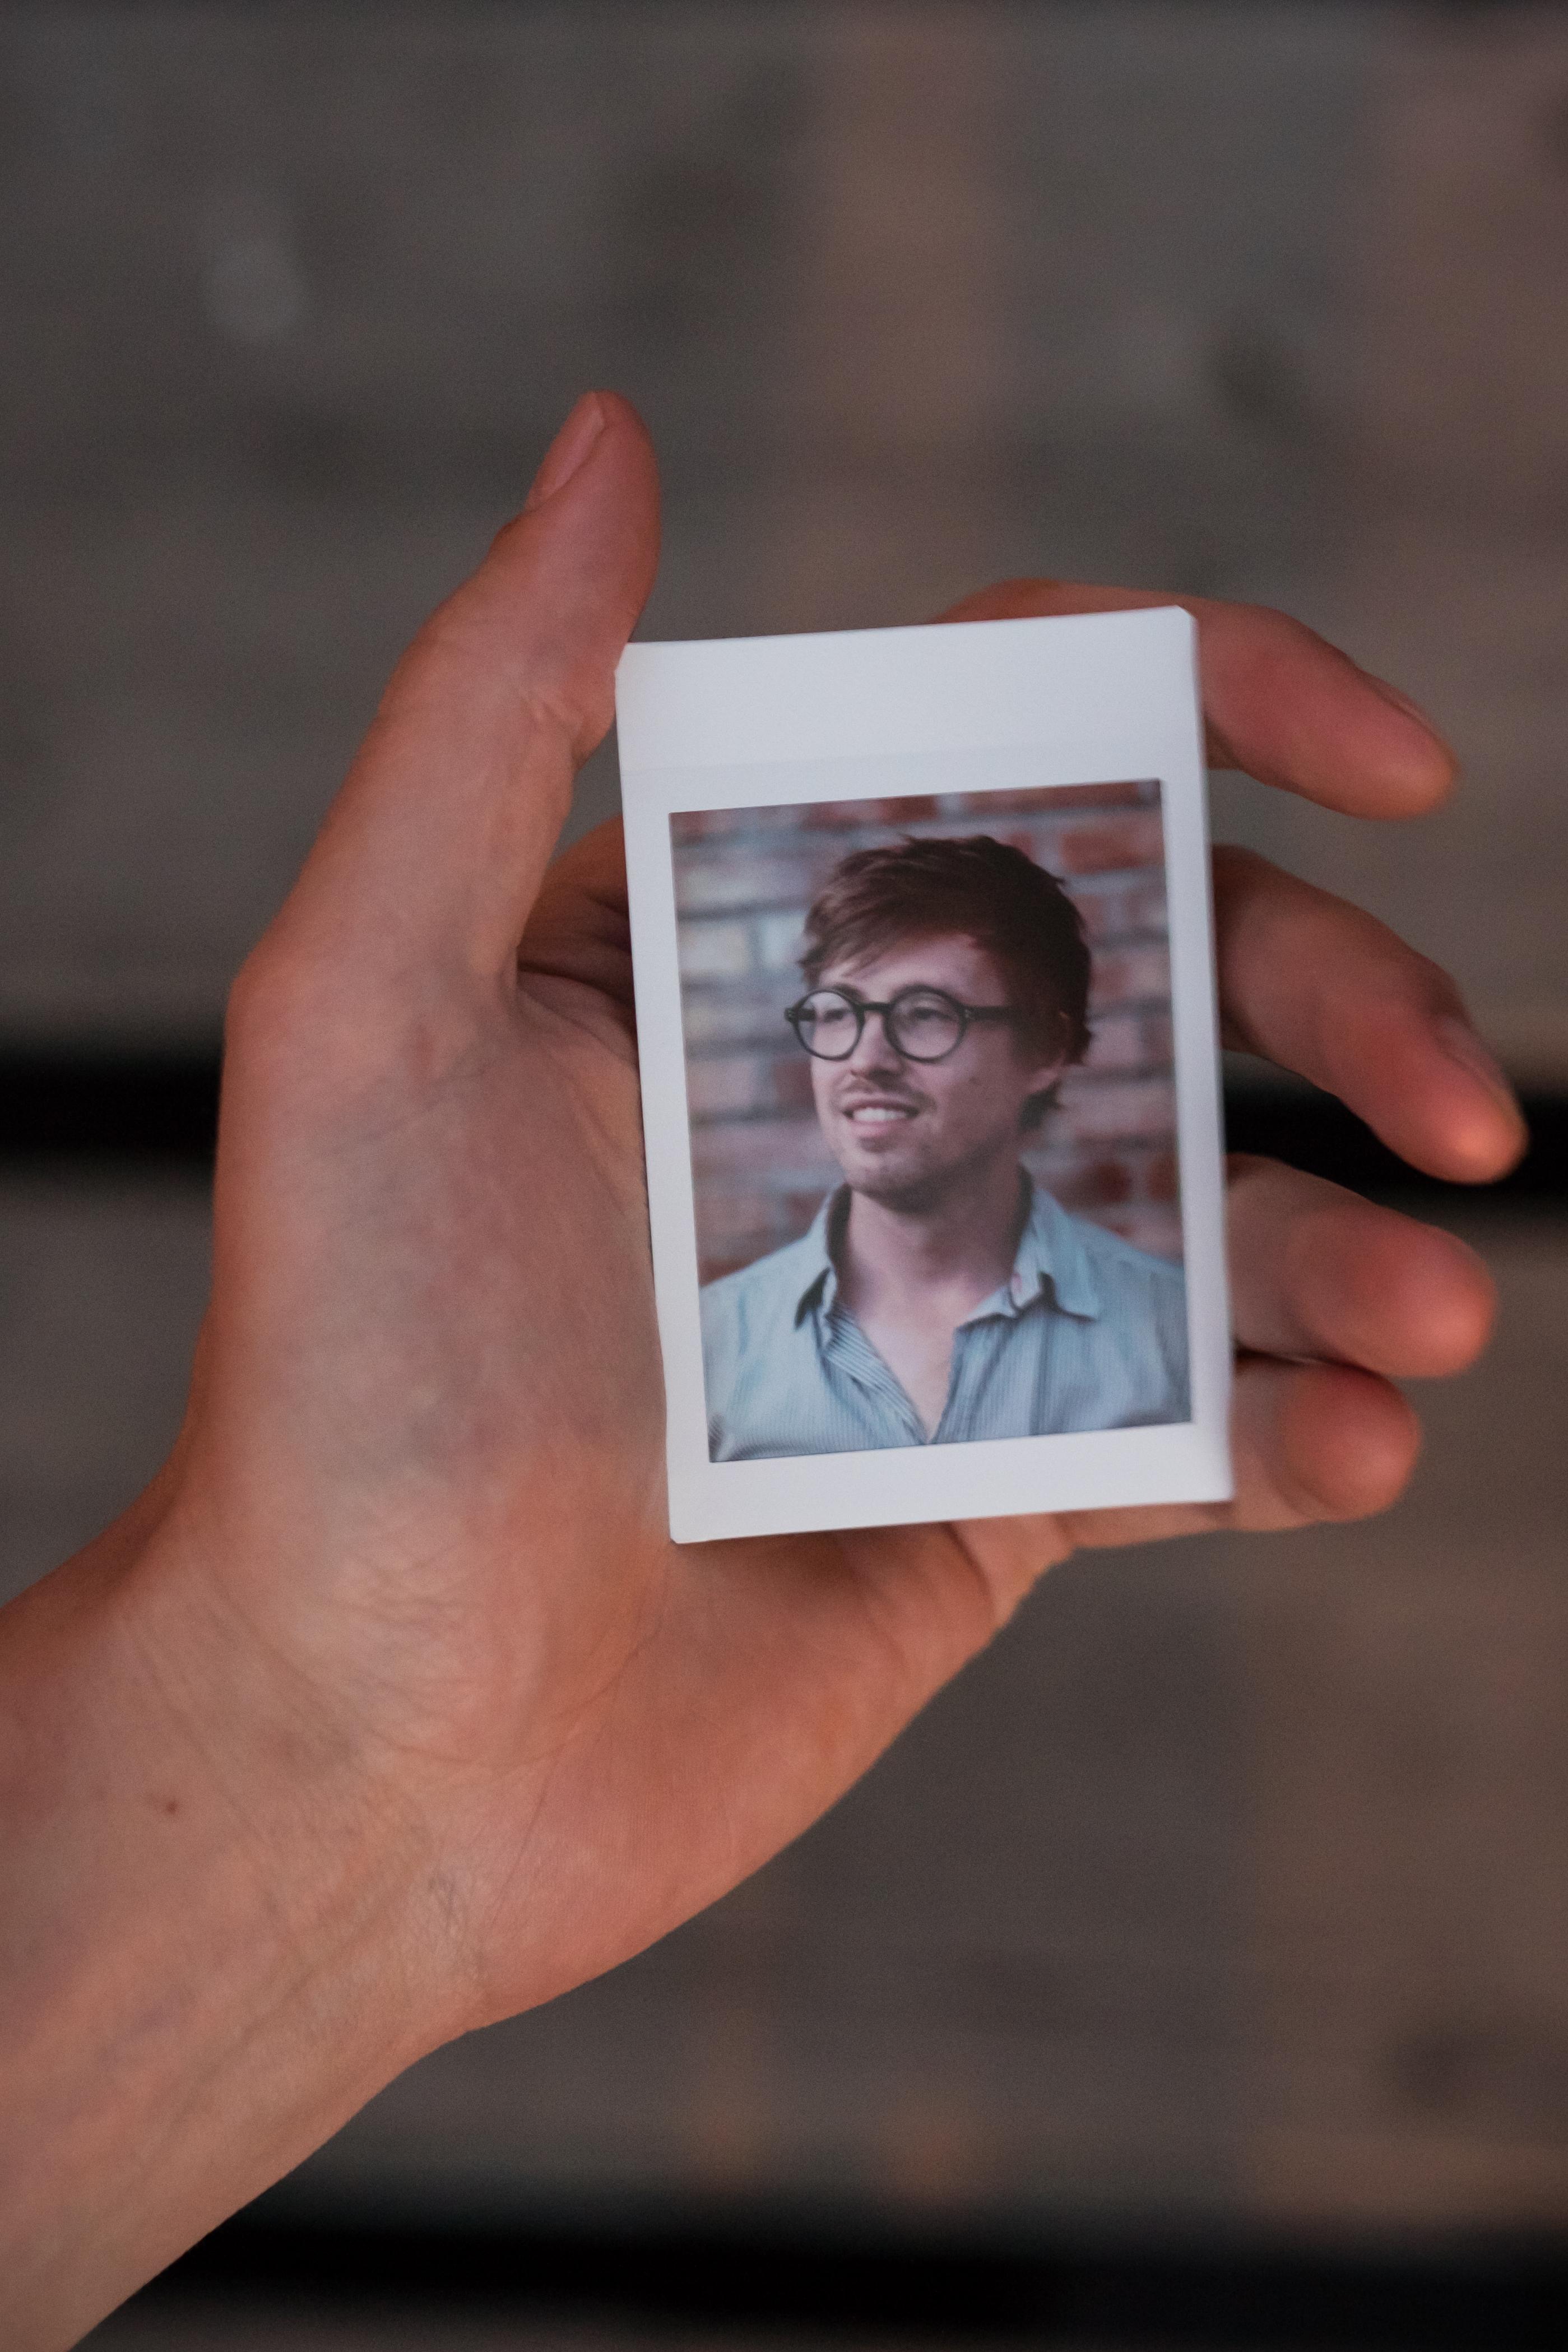 Olivier Bourget portrait dans la main-143